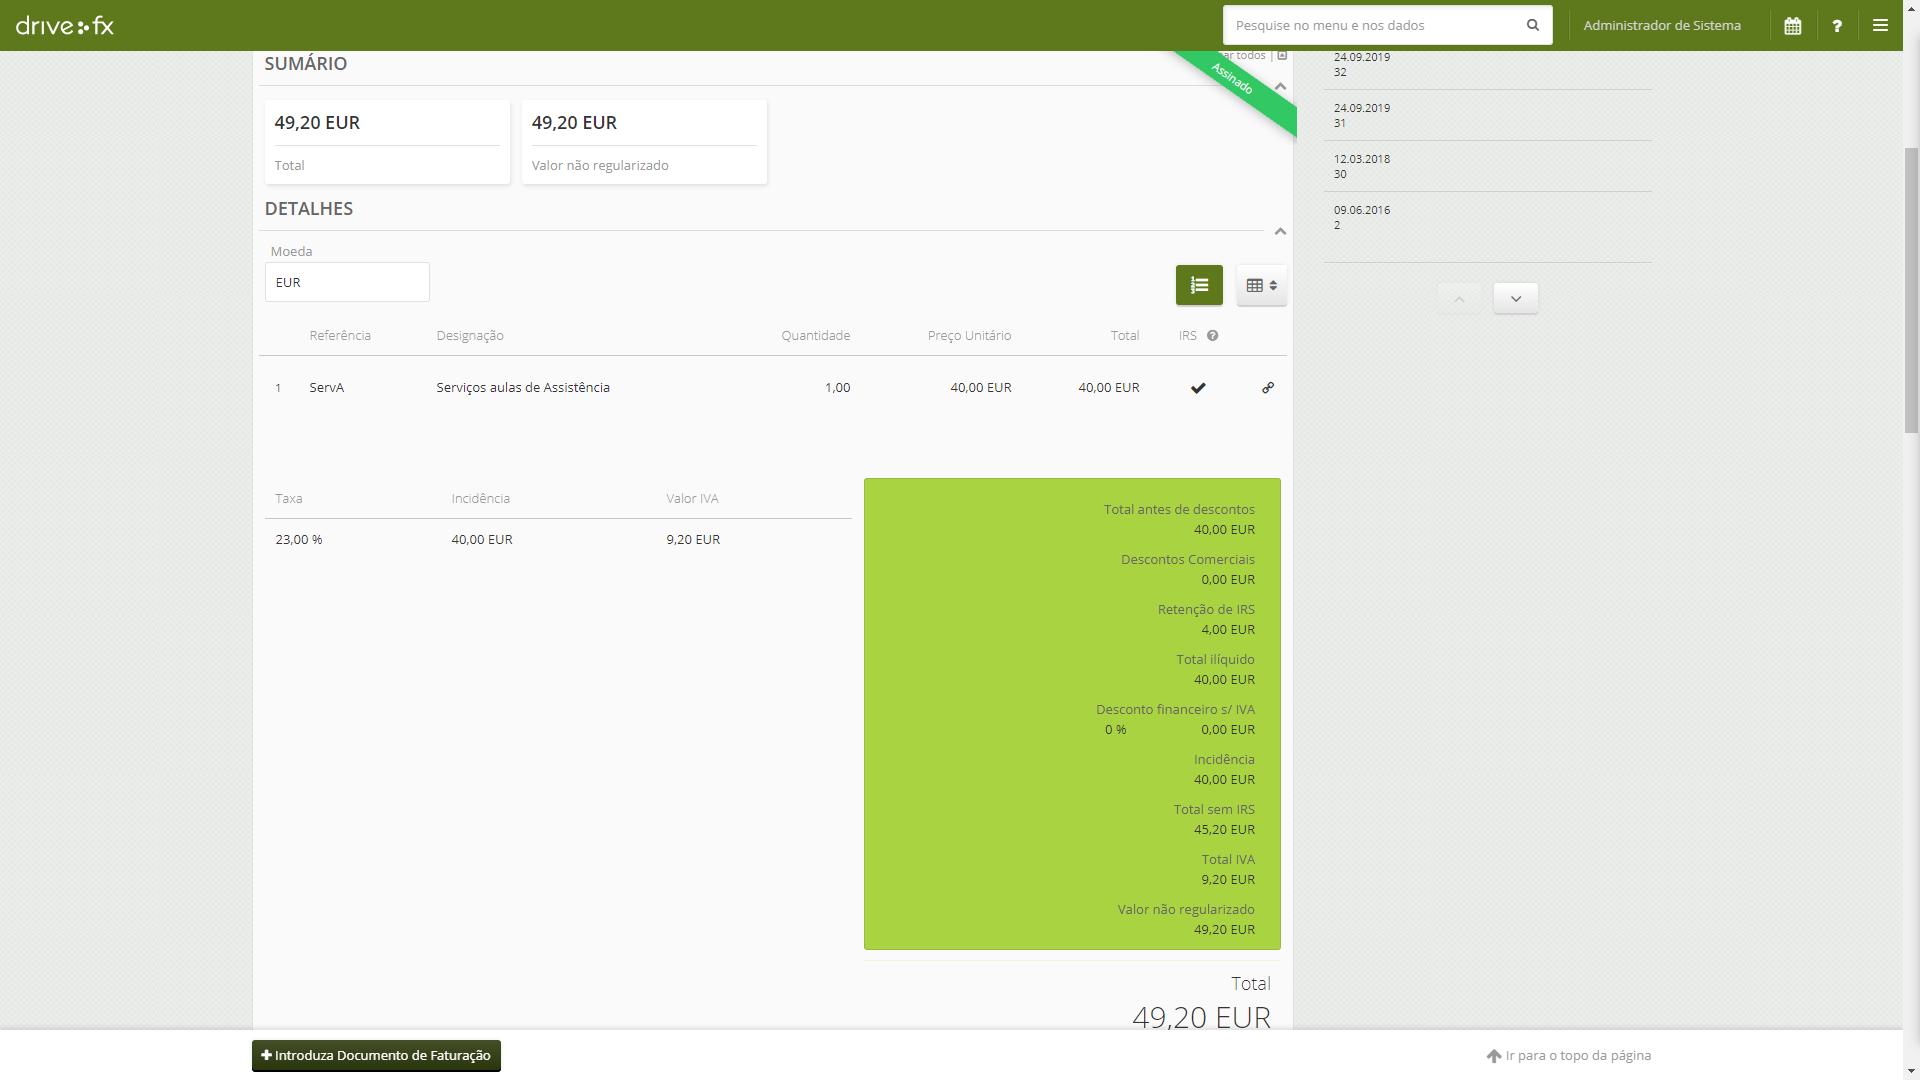 Documento de Faturação Software de gestão online Drive FX Retenção de IRS